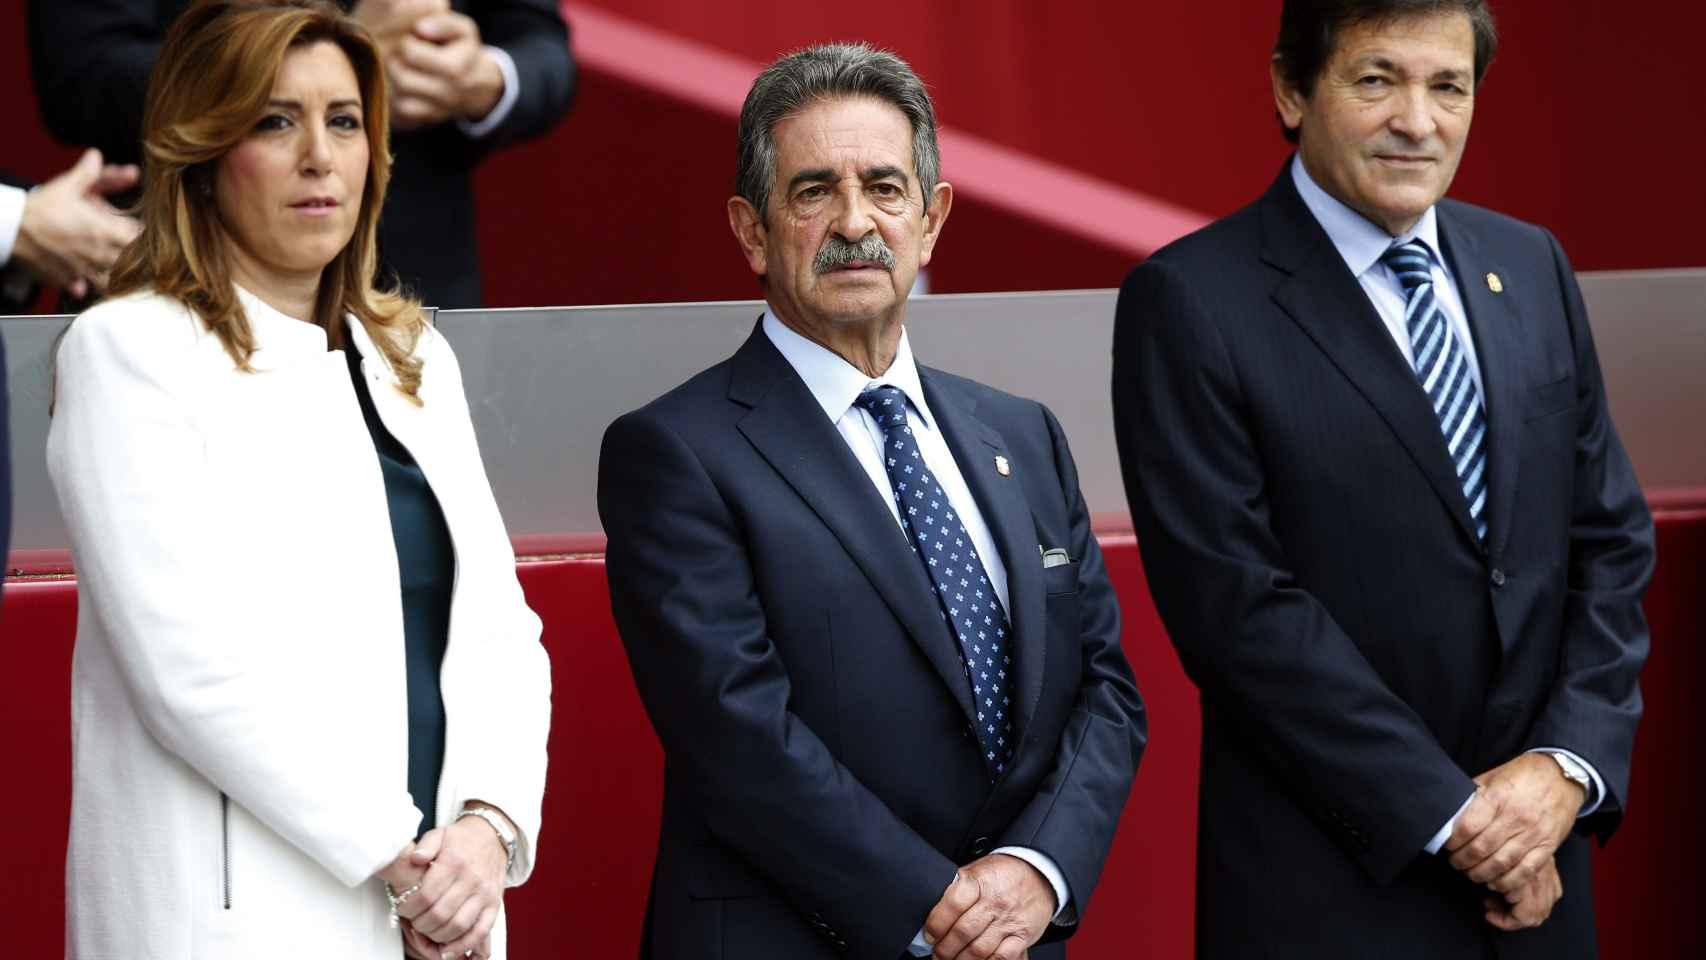 Los presidentes de Andalucía, Susana Díaz, de Cantabria, Miguel Ángel Revilla, y de Asturias, Javier Fernández / Efe